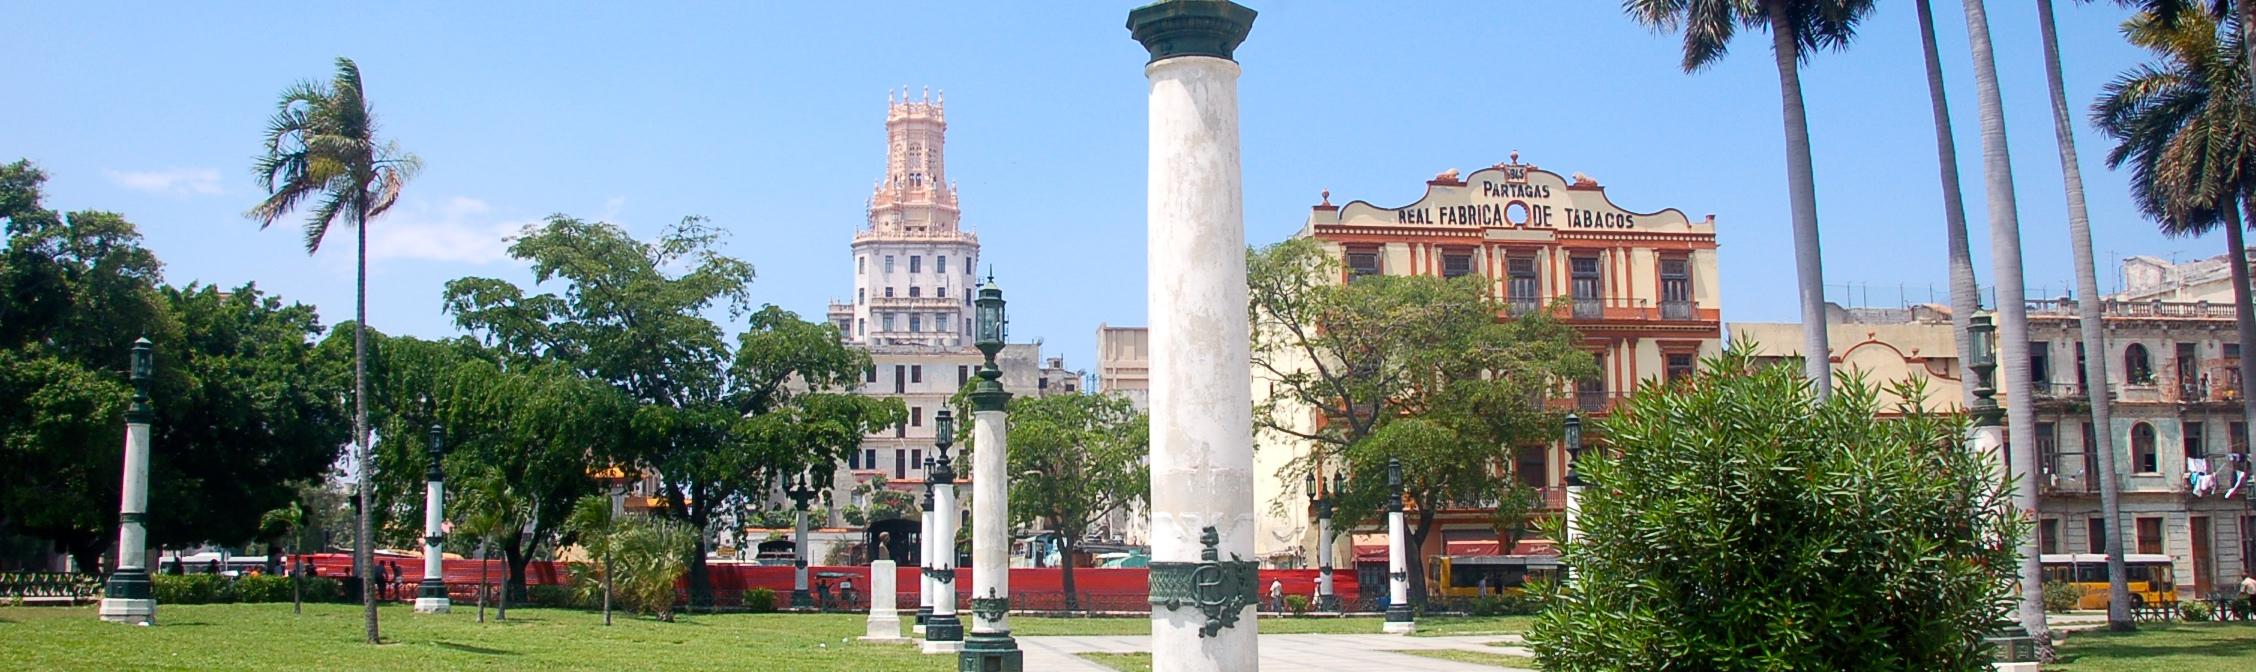 Fábrica Partagás, Habana